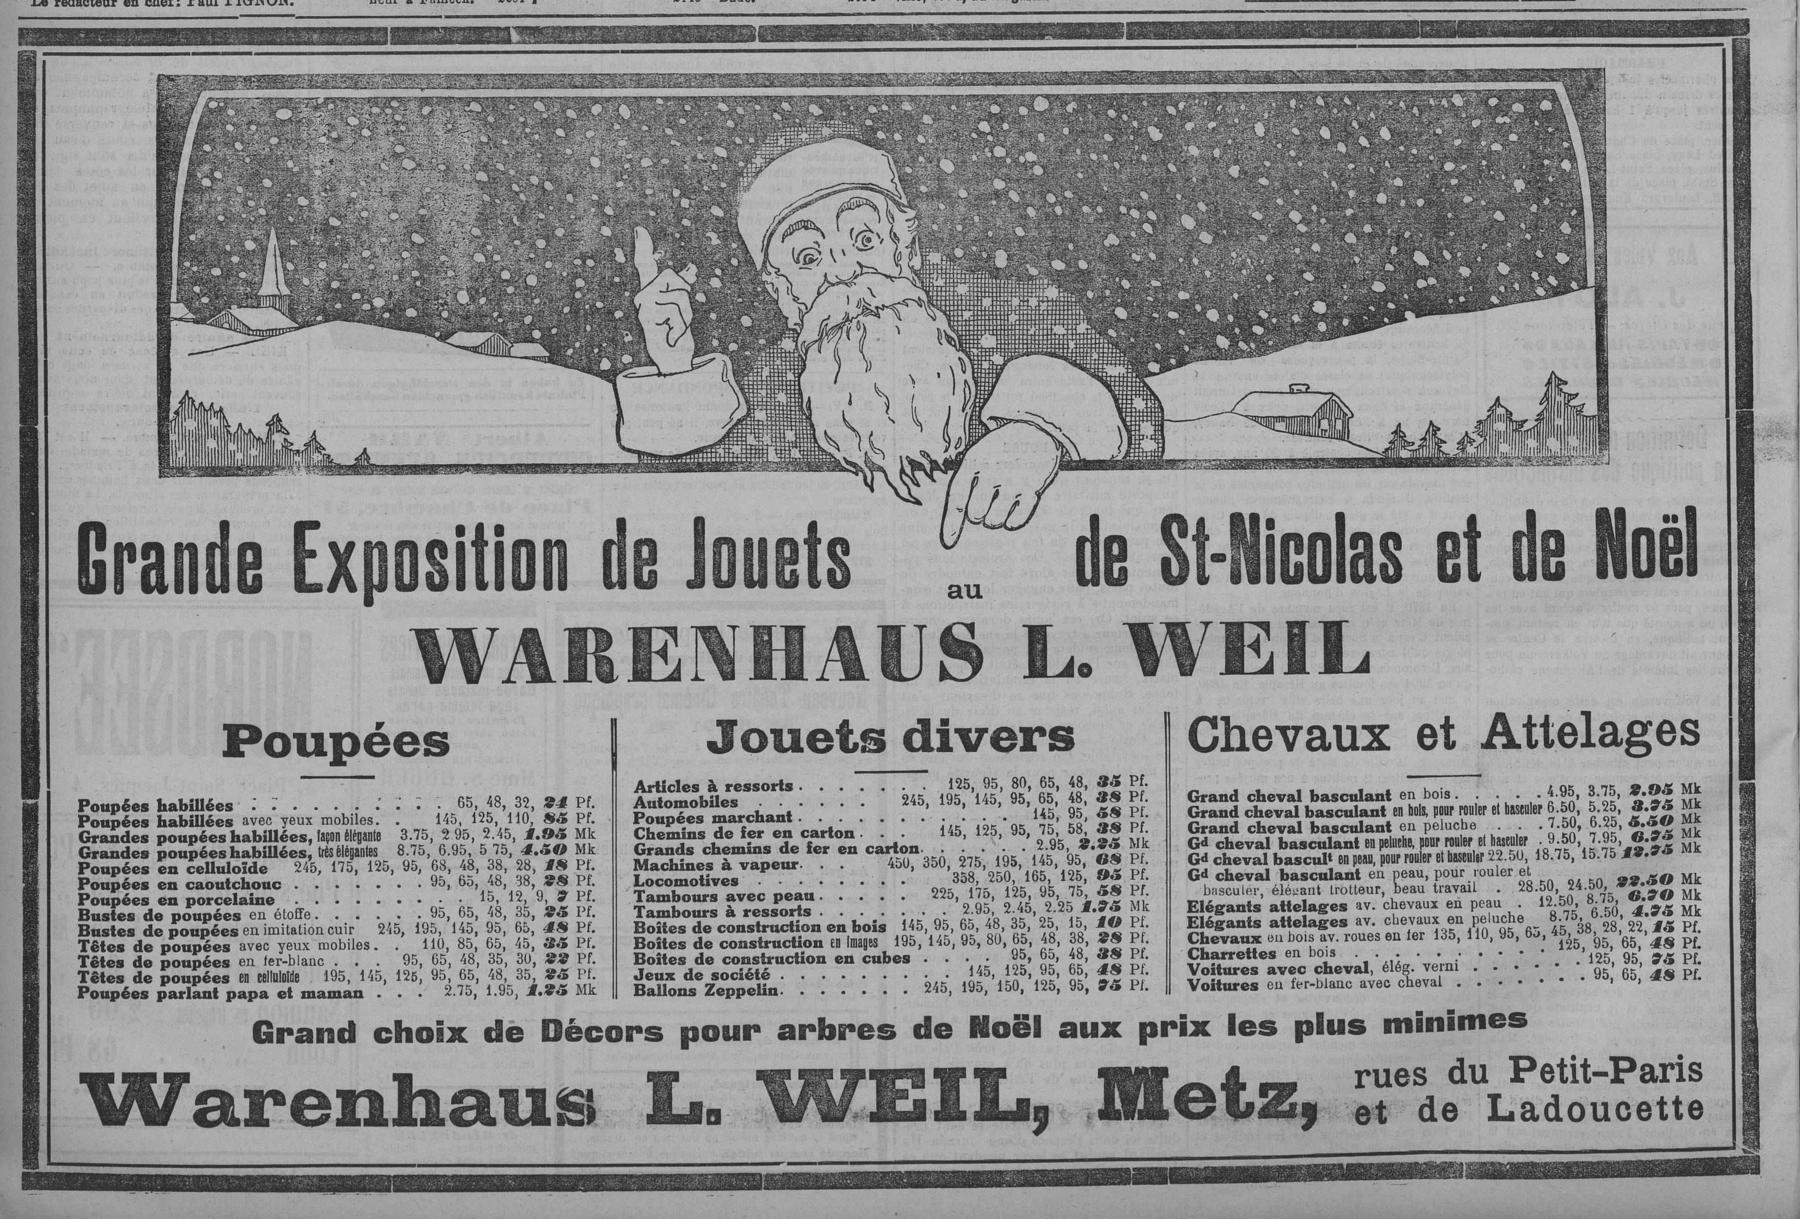 Contenu du Grande exposition de jouets pour la Saint Nicolas et Noël